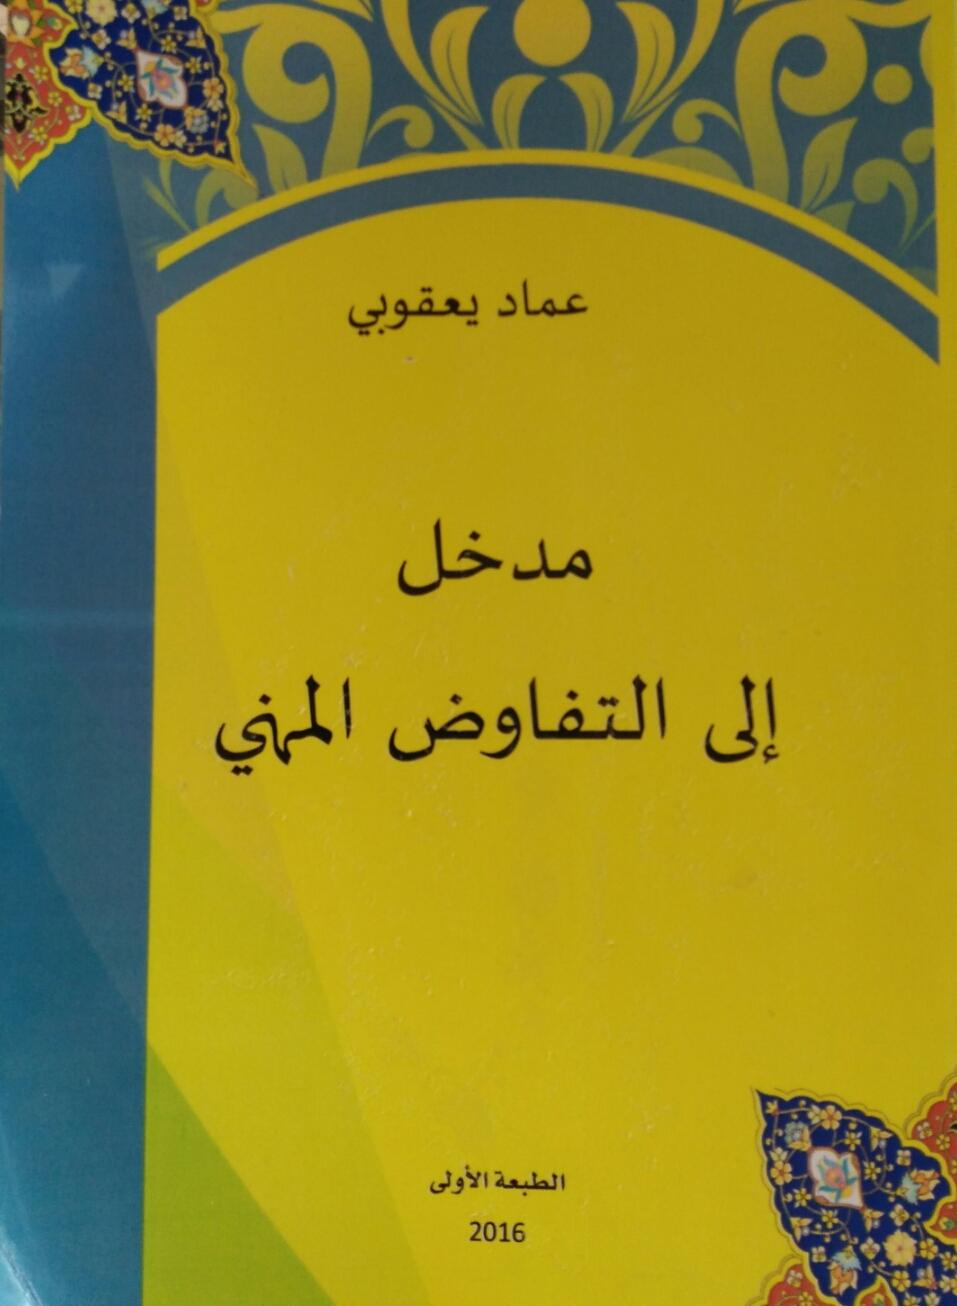 مدخل إلى التفاوض المهني مؤلف جديد للأستاذ عماد يعقوبي